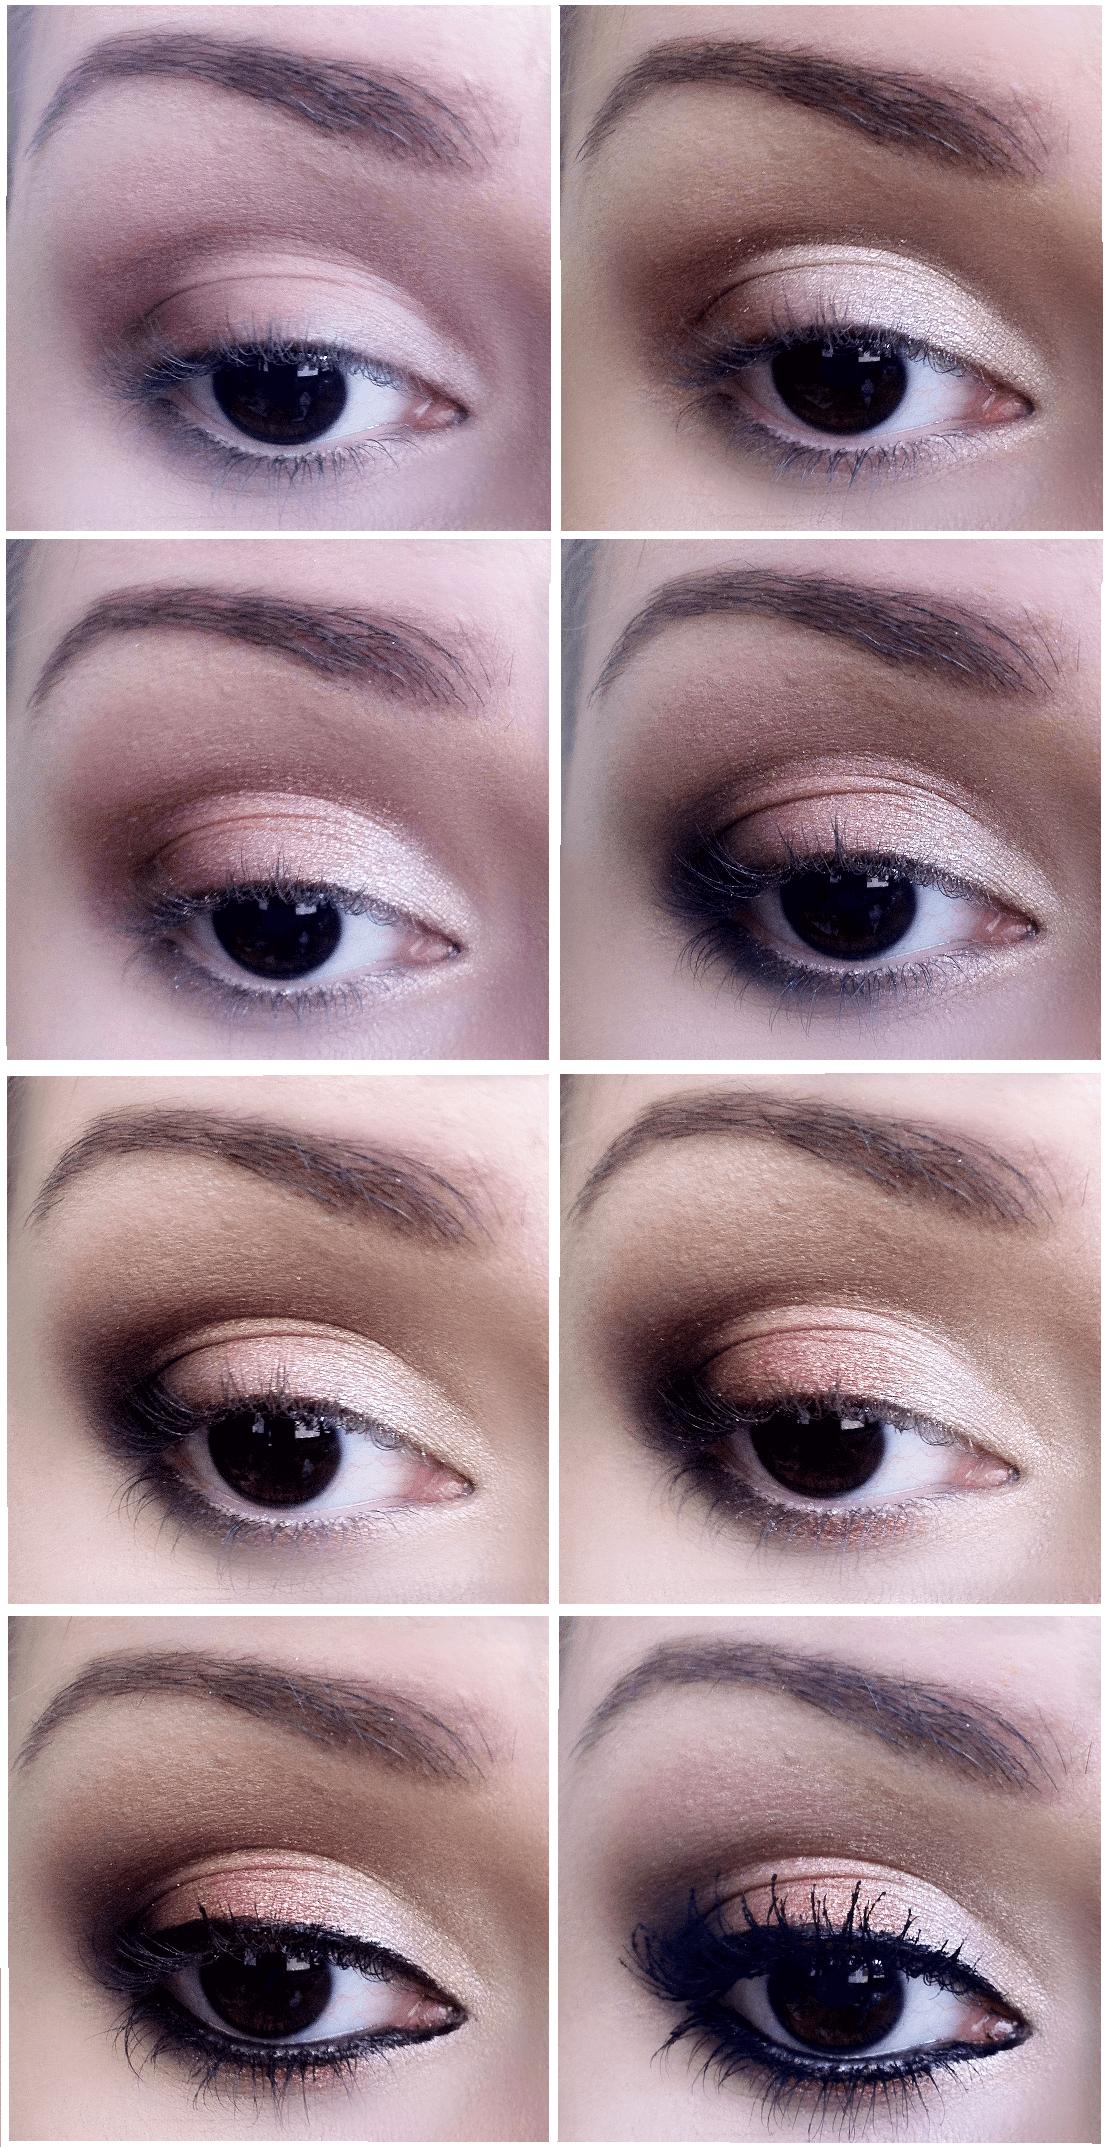 maquiagem-passo-a-passo-6